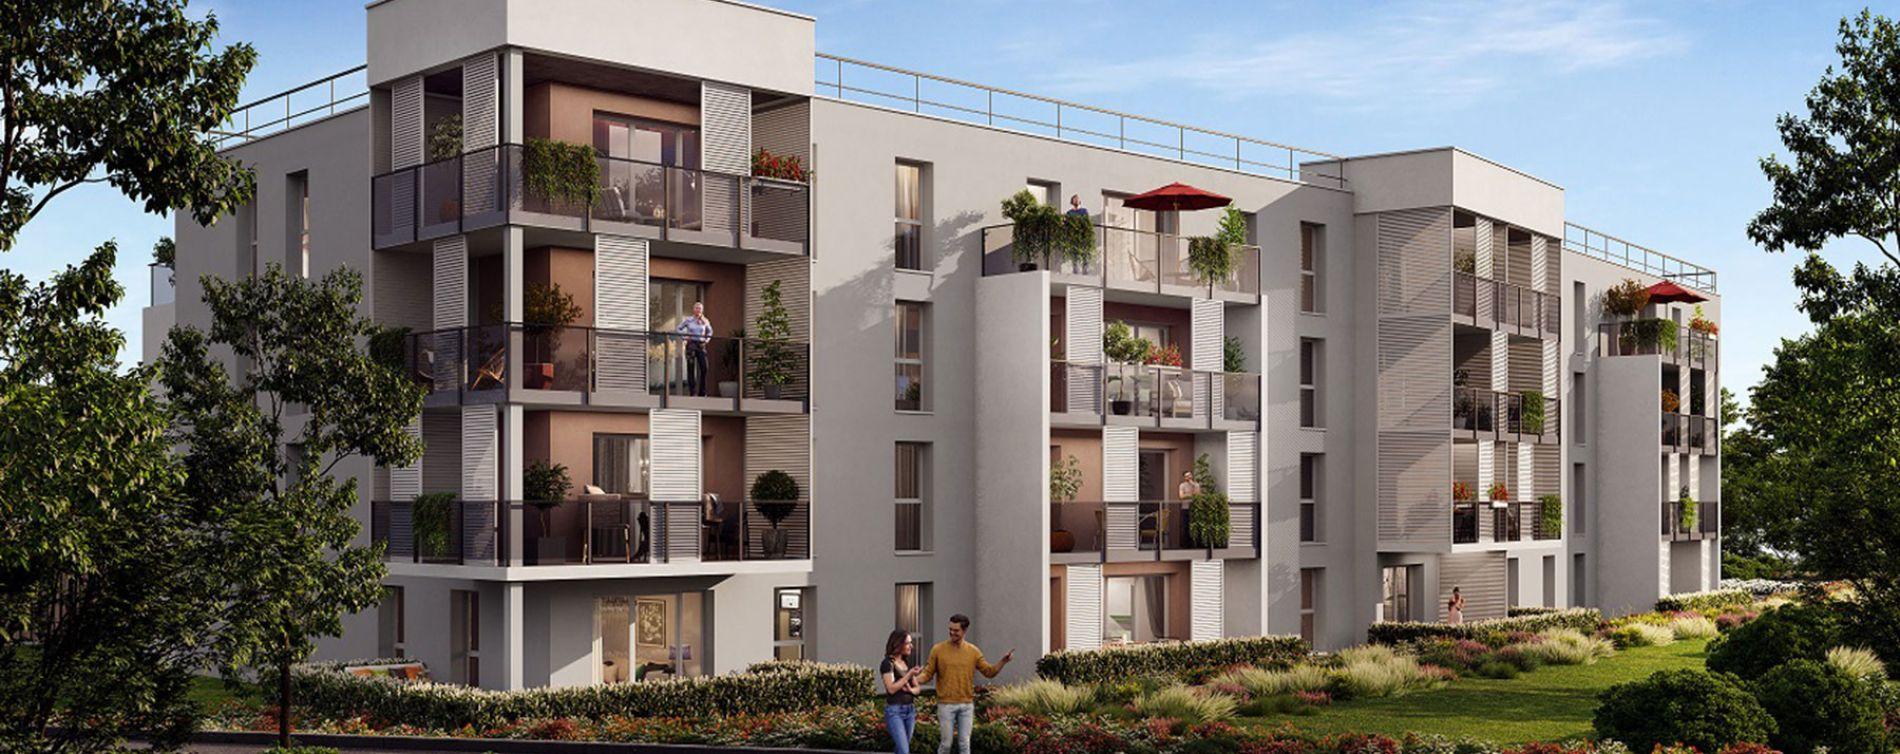 Blainville-sur-Orne : programme immobilier neuve « Rosa Alba »